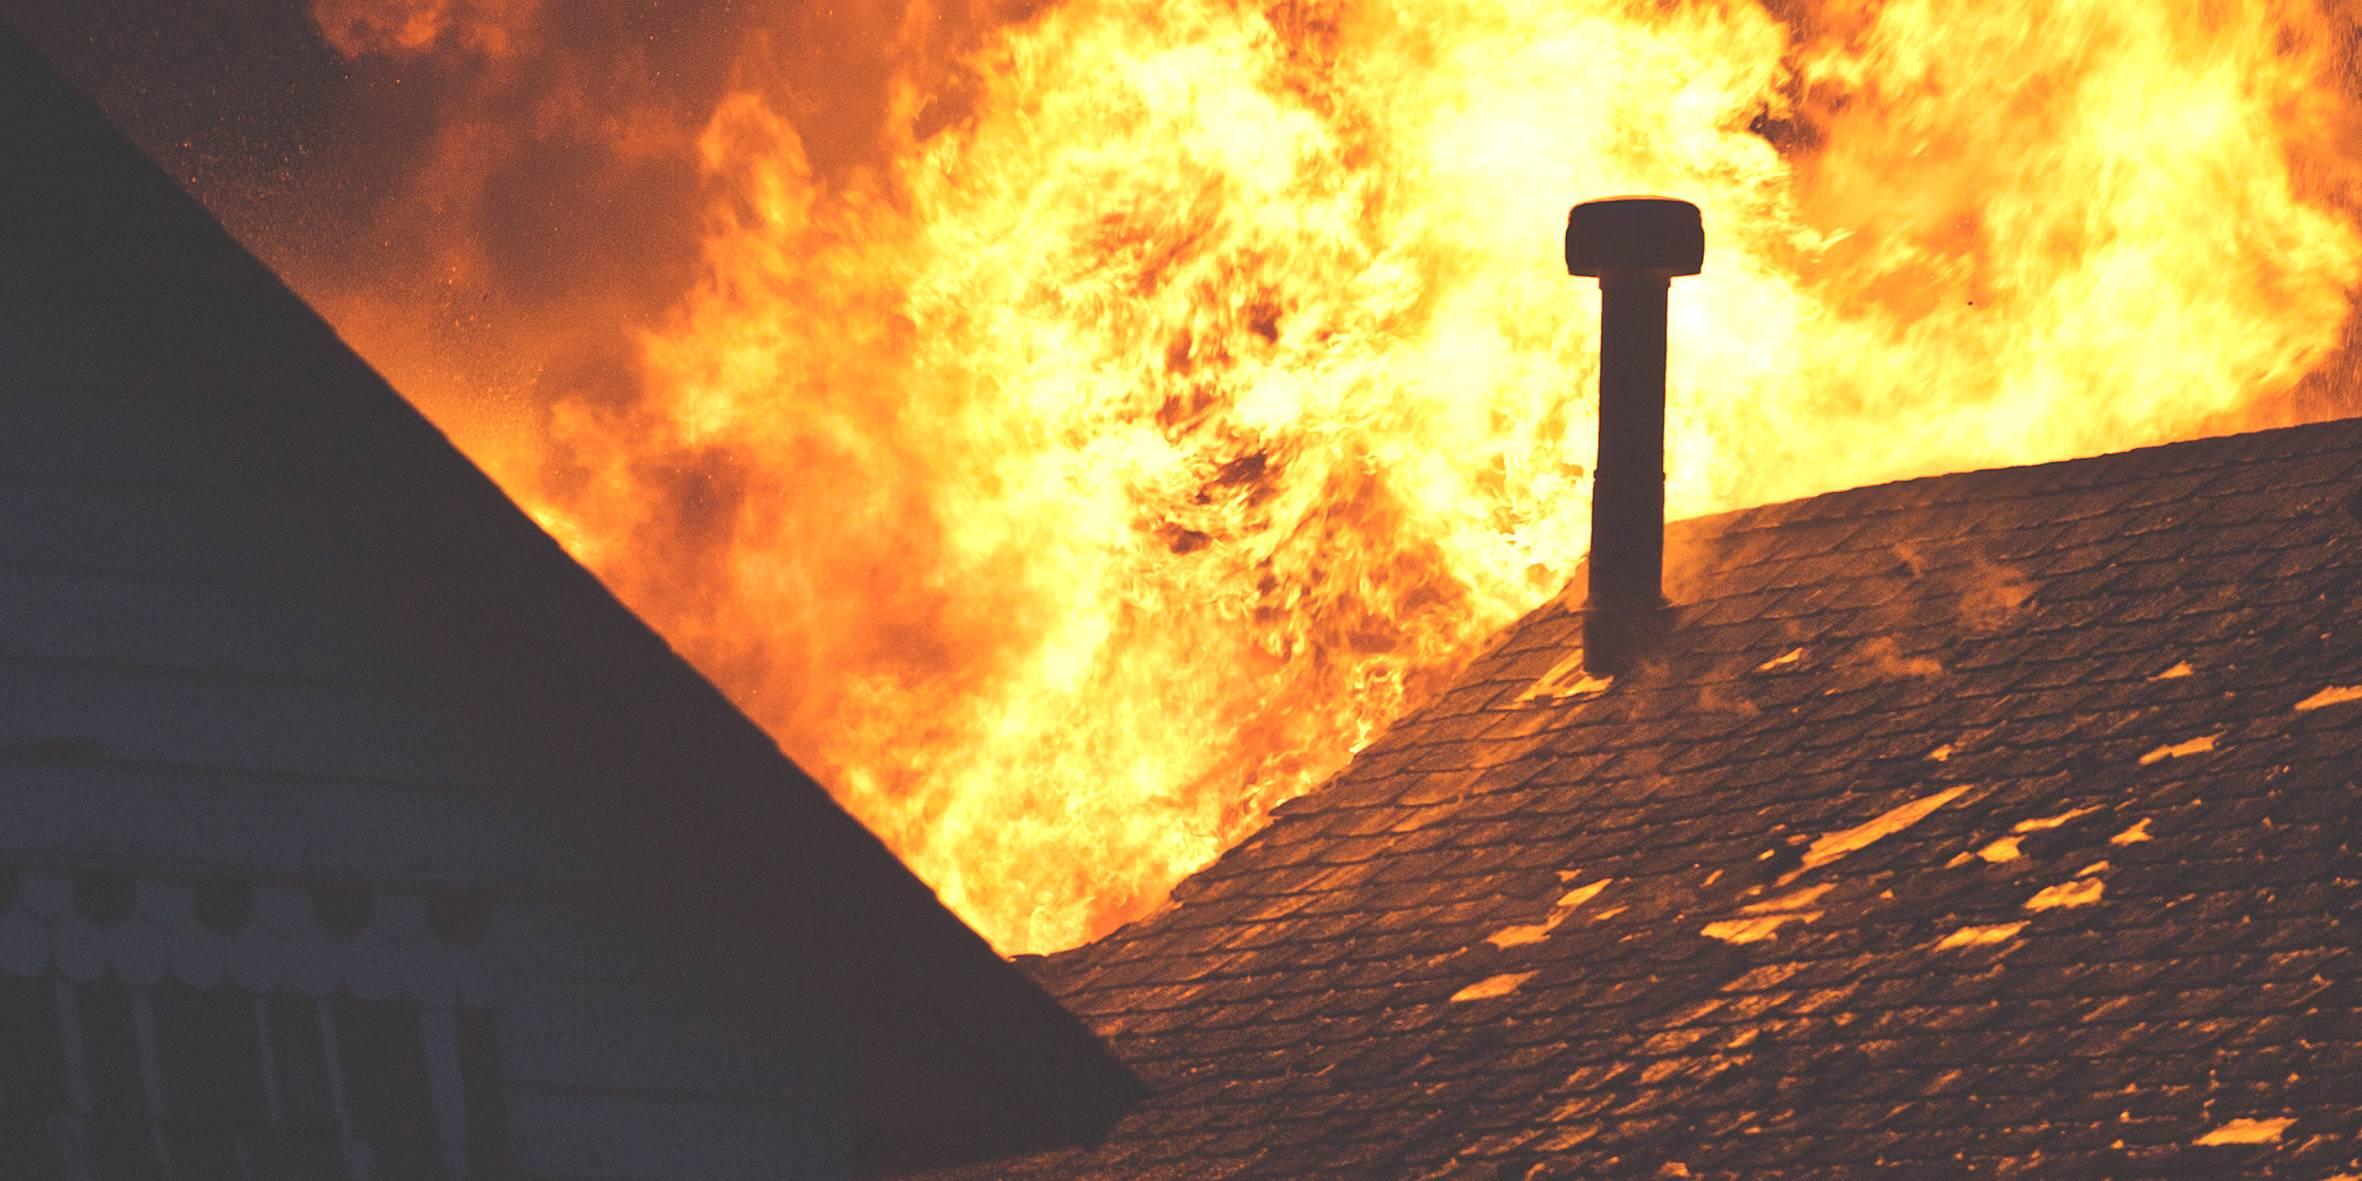 kiezen voor brandbeveiliging